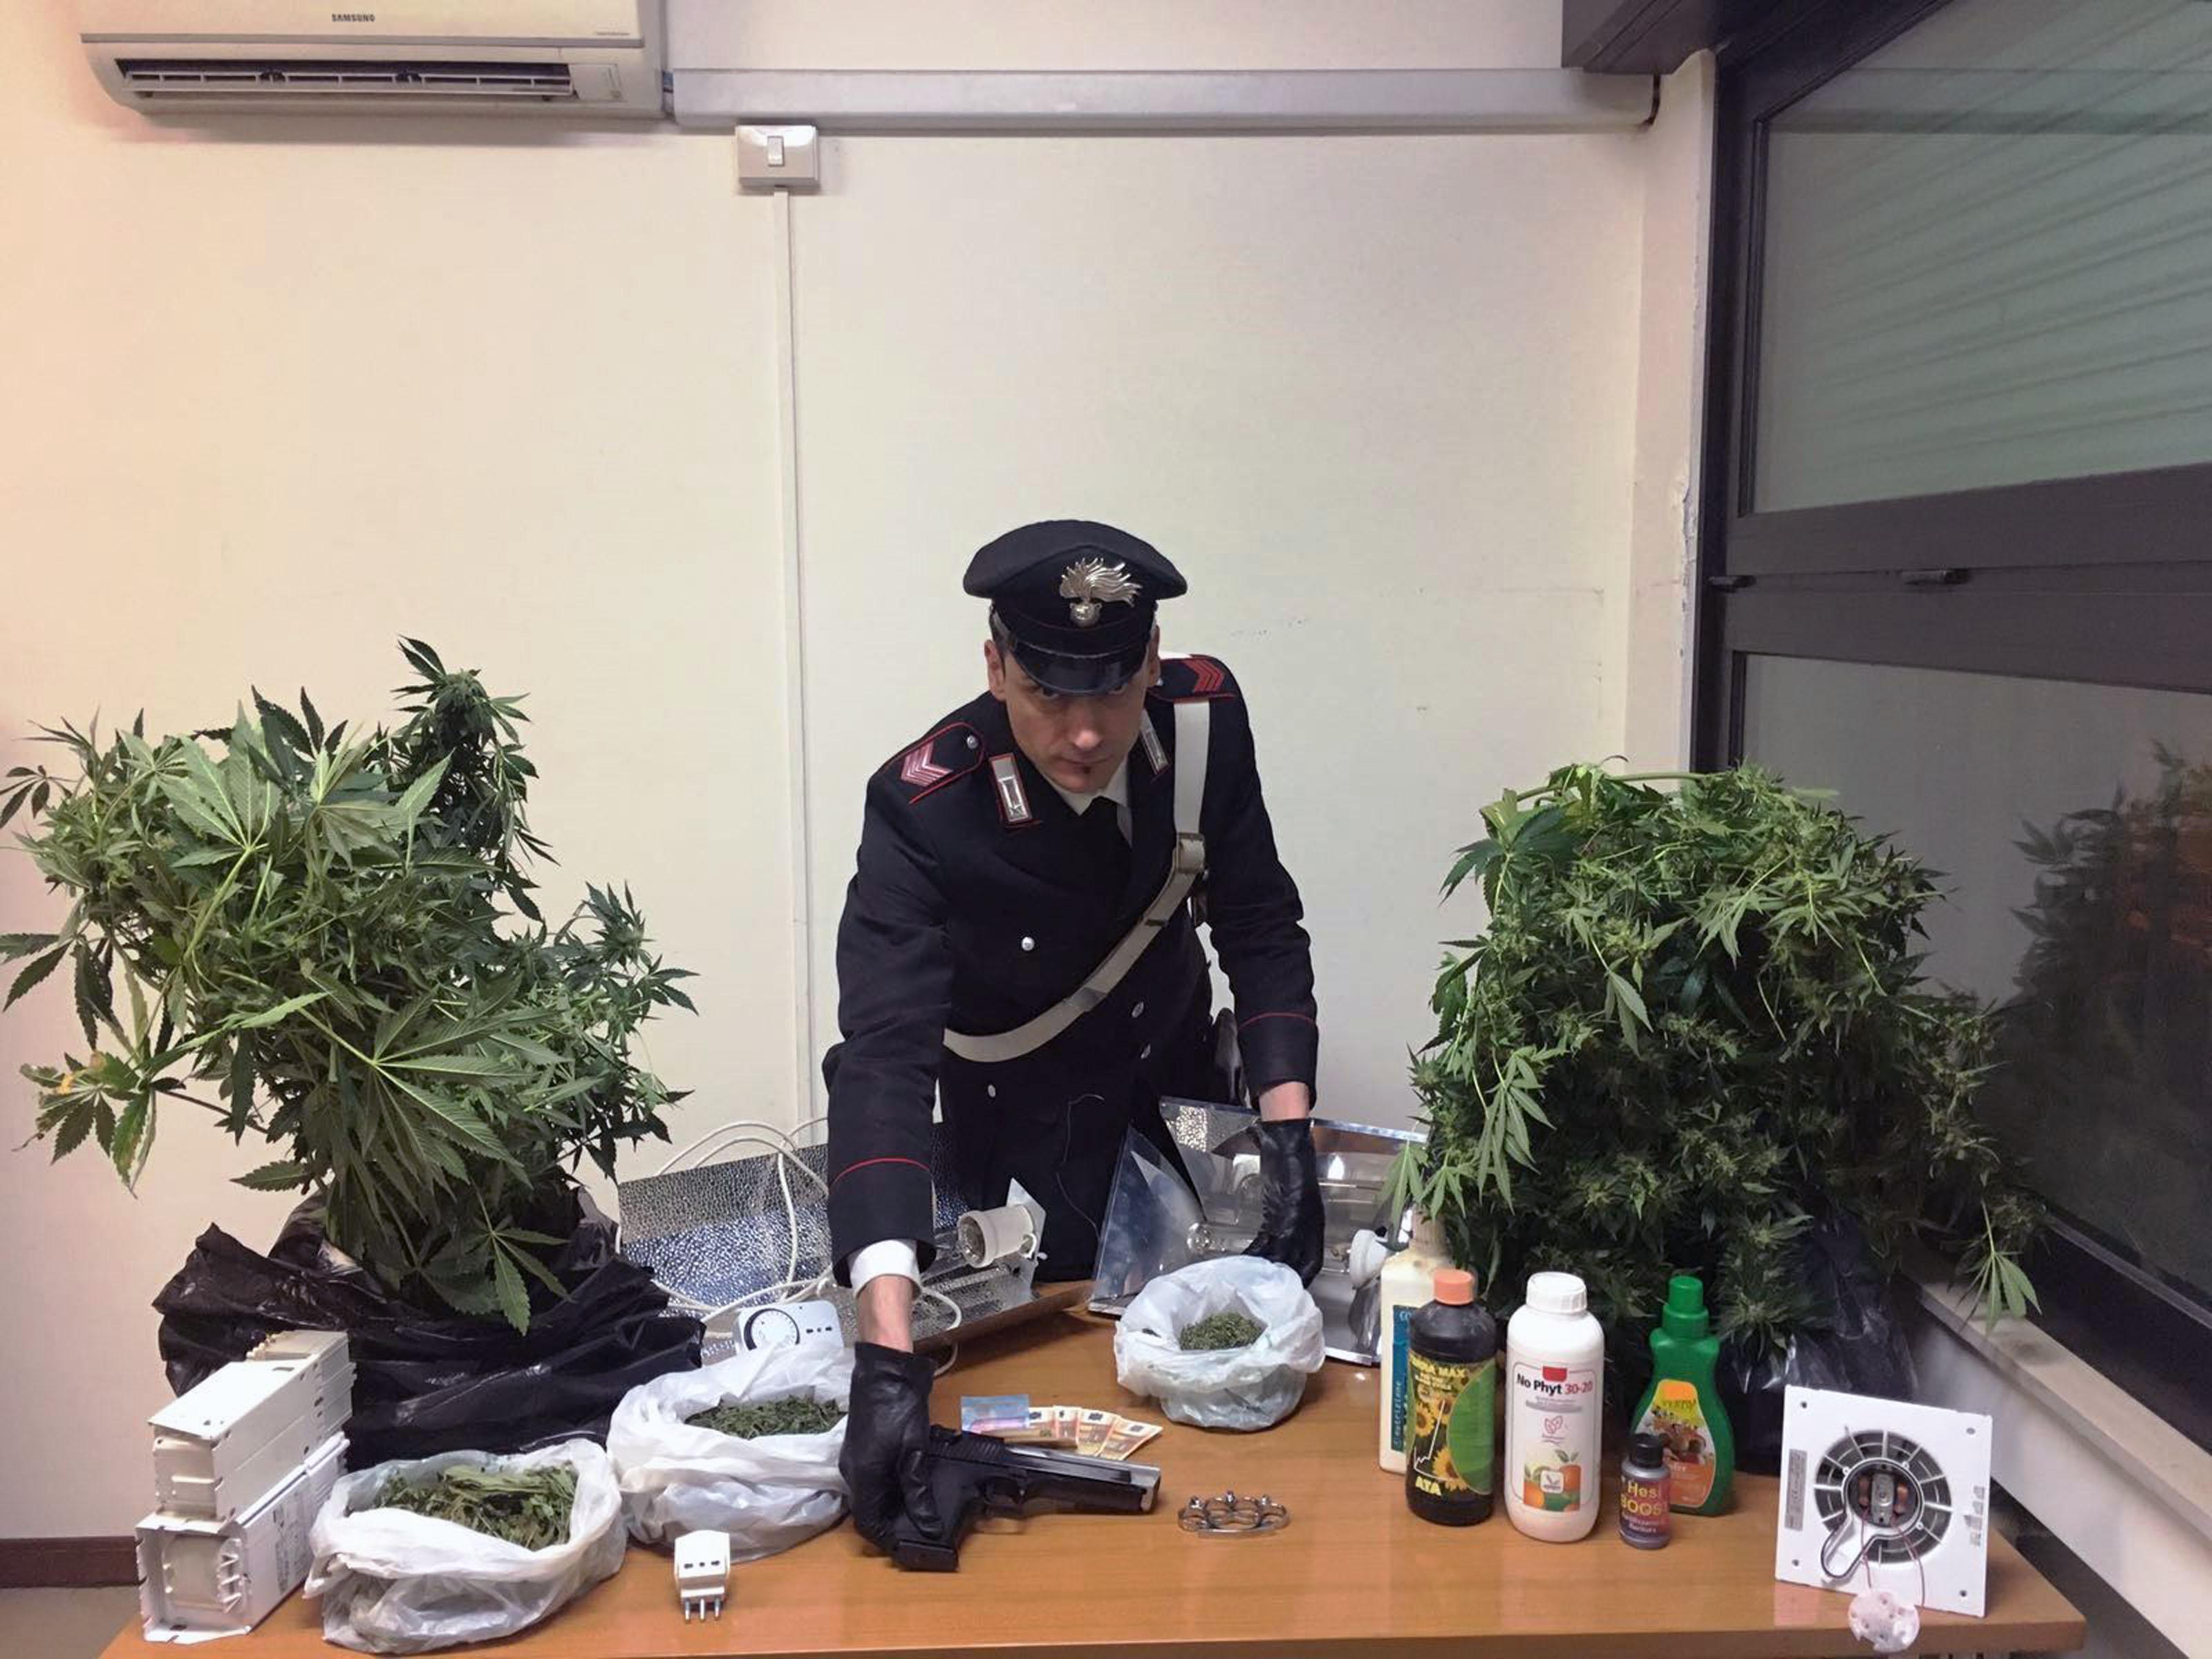 marijuana trovato agli studenti